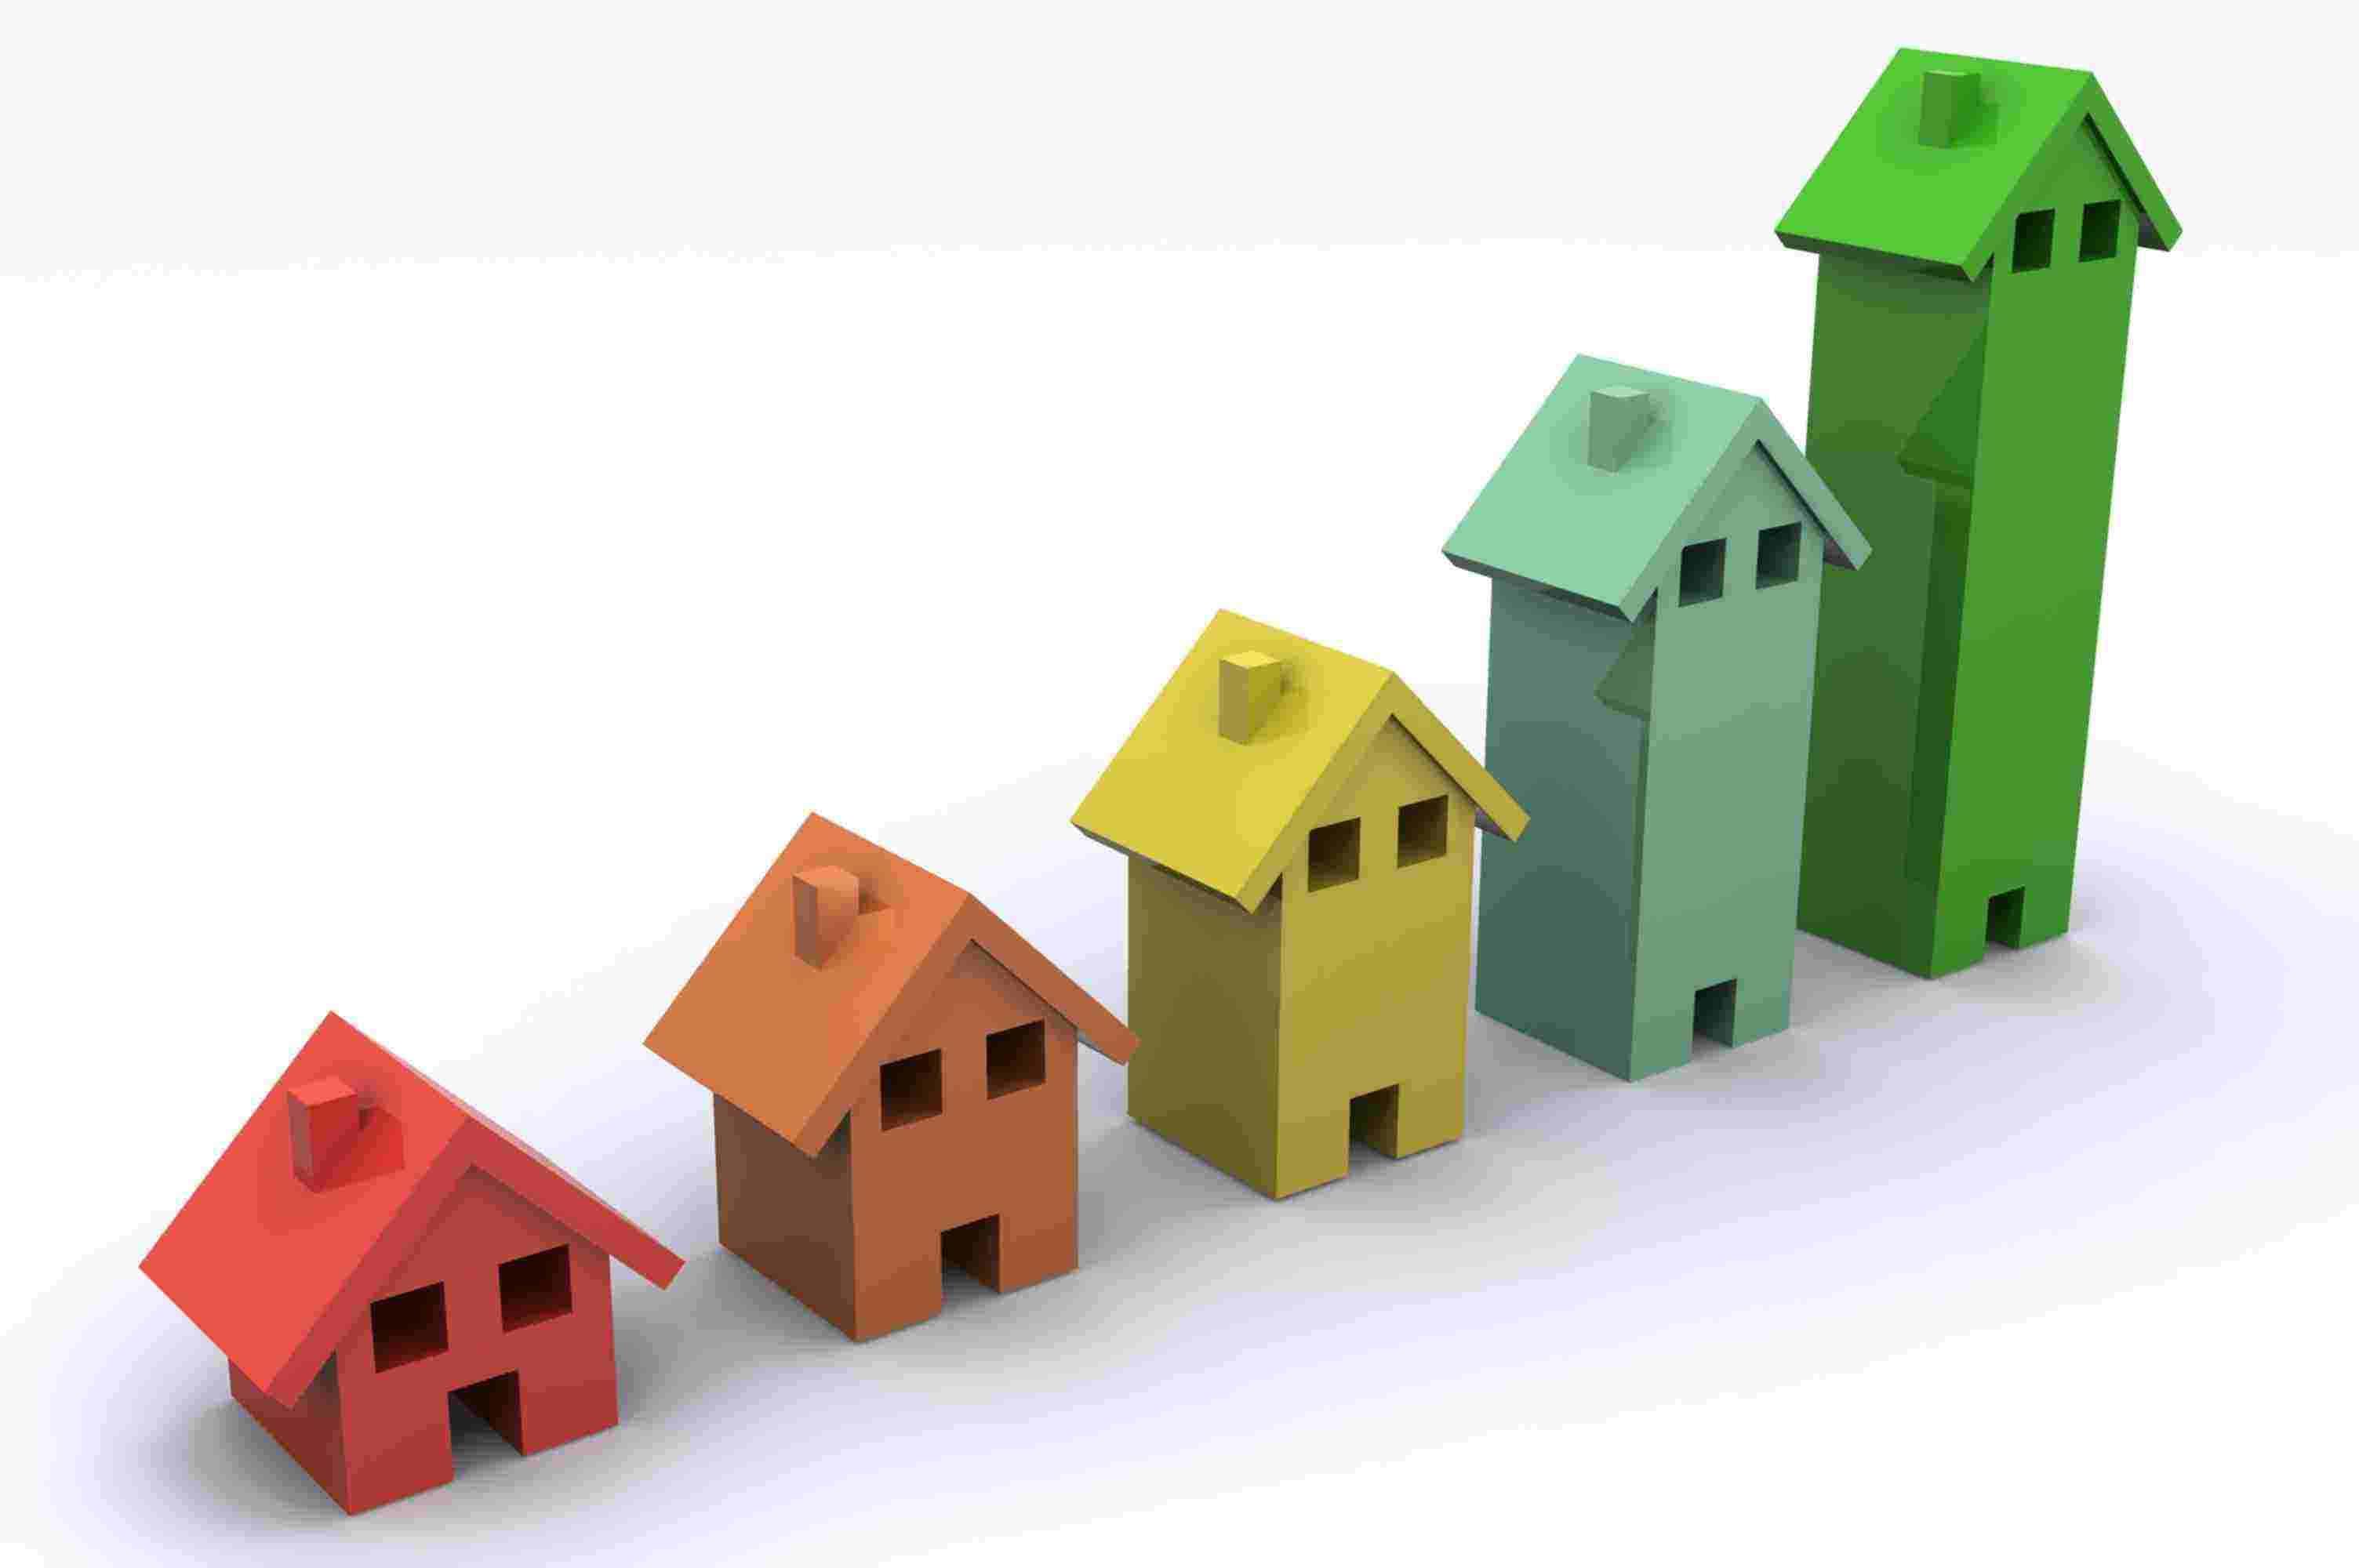 Ціни на квартири в Донецьку впали до 10 000 доларів